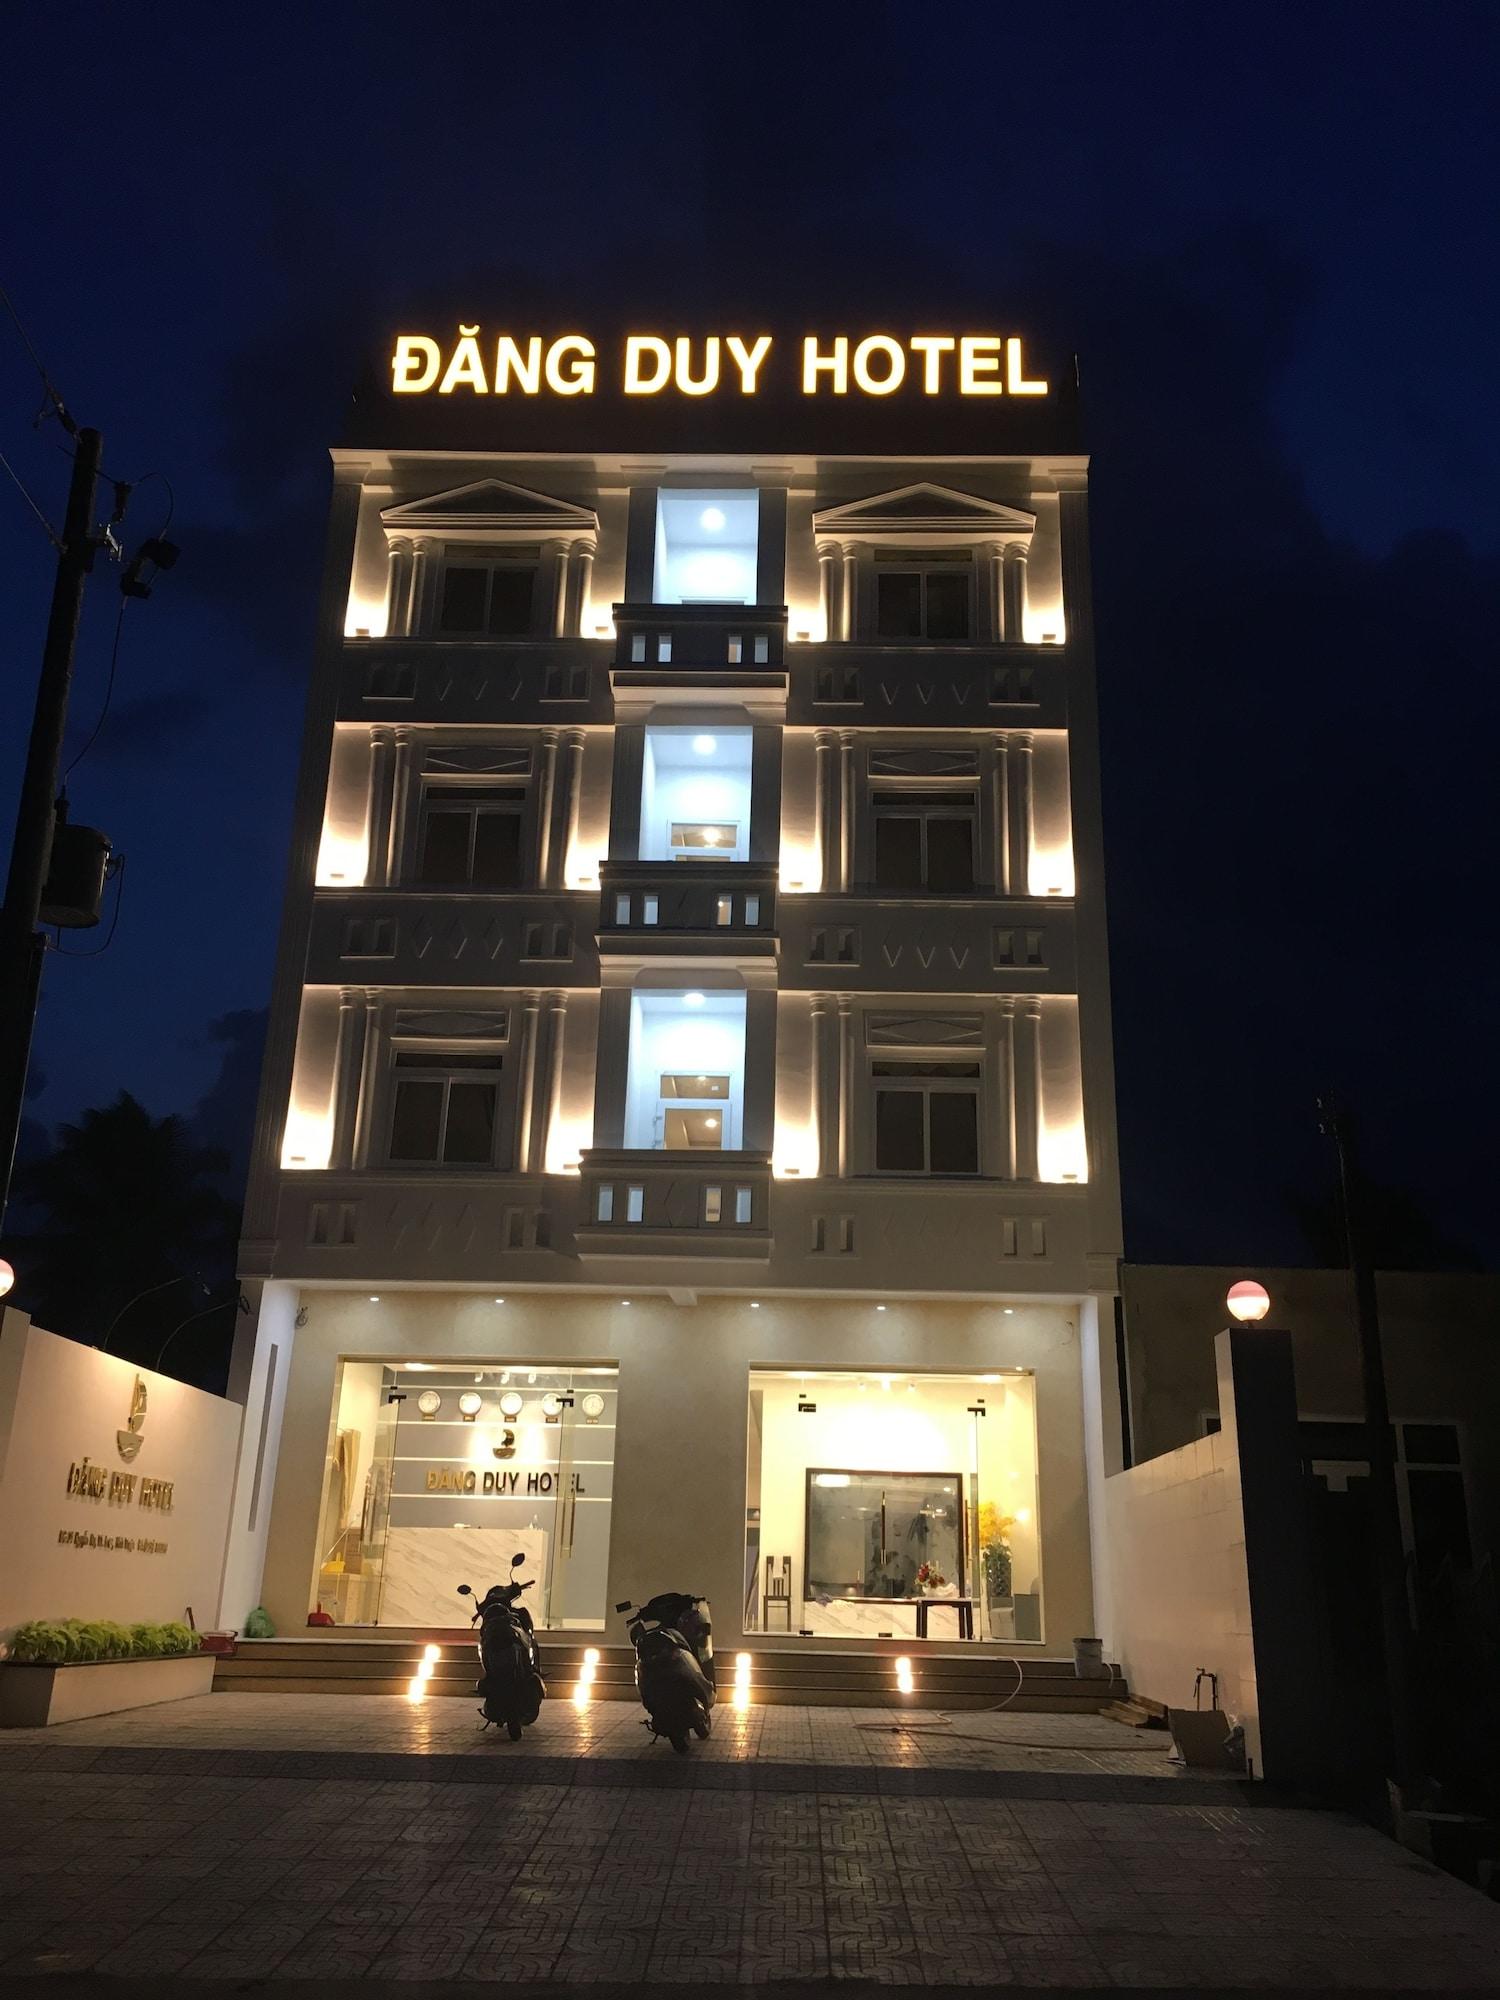 Dang Duy Hotel, La Gi